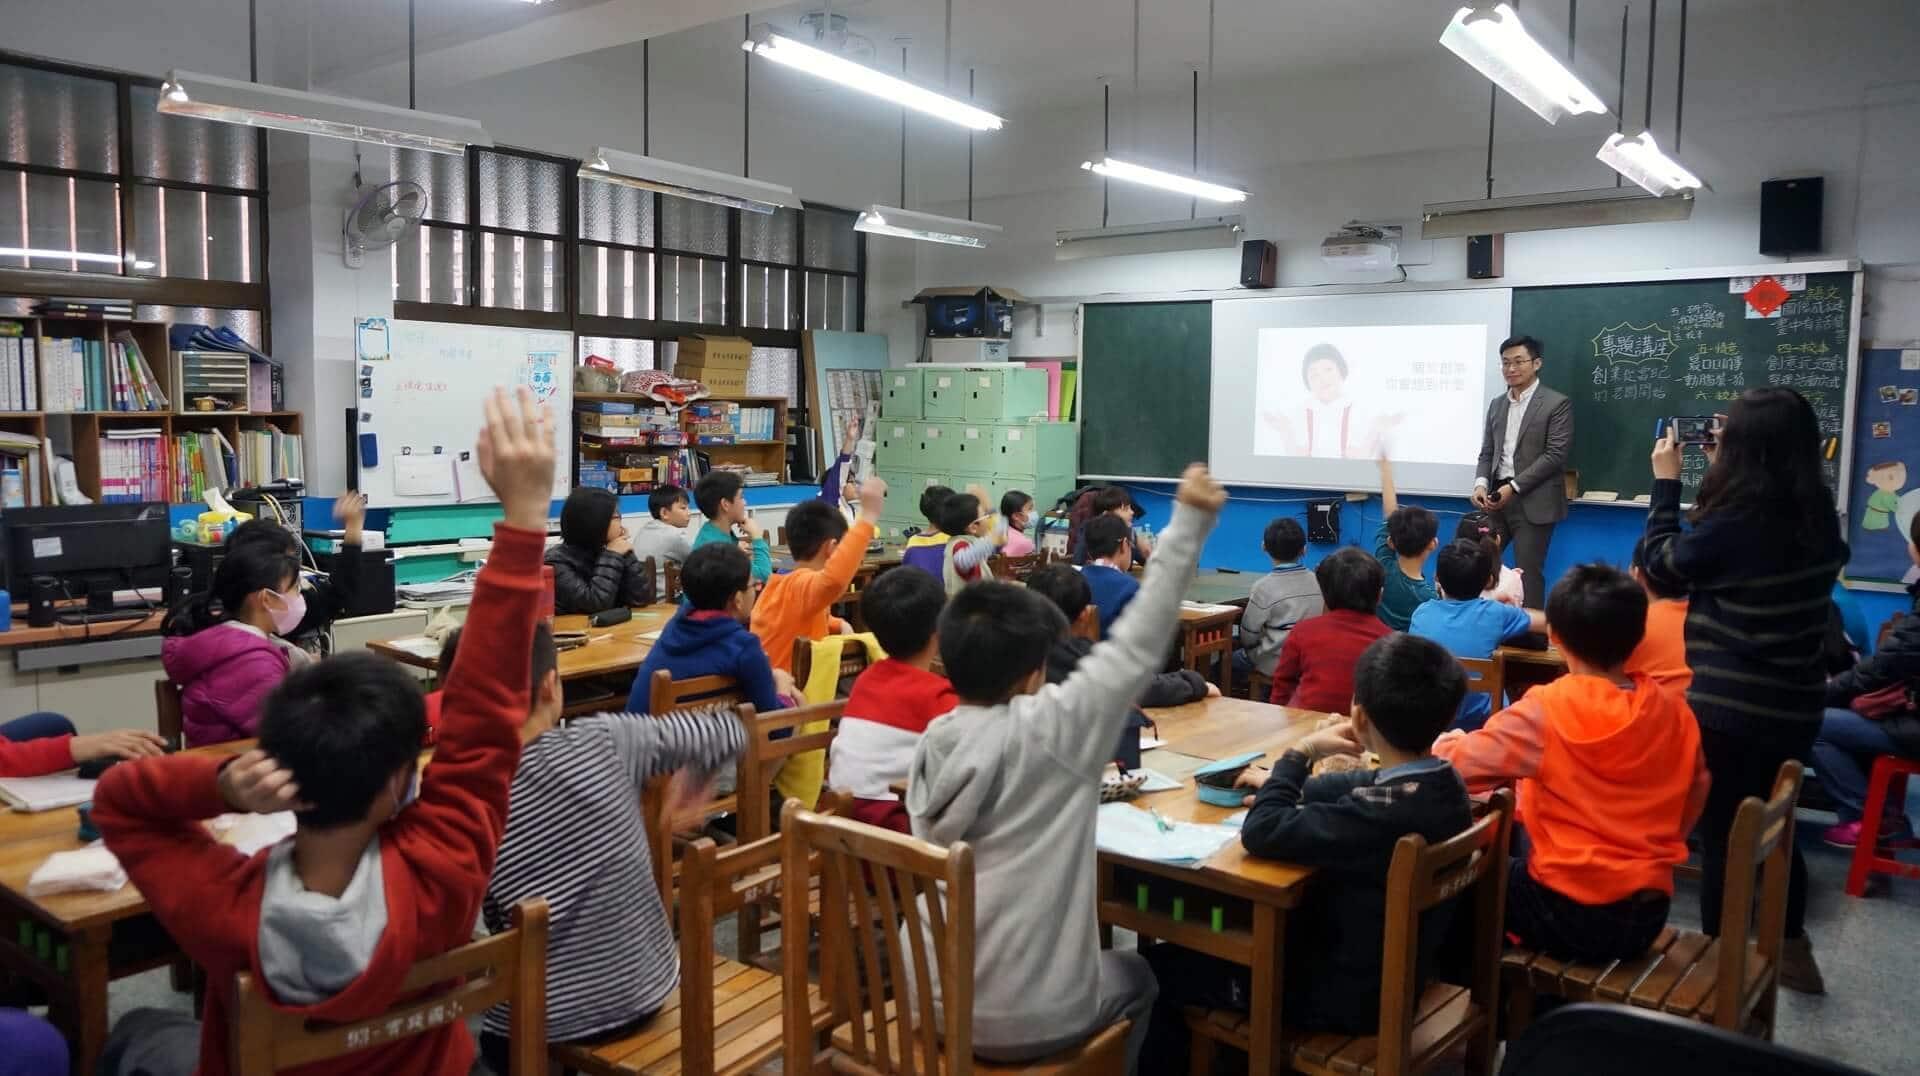 【專題演講】新北市板橋區實踐國小 3